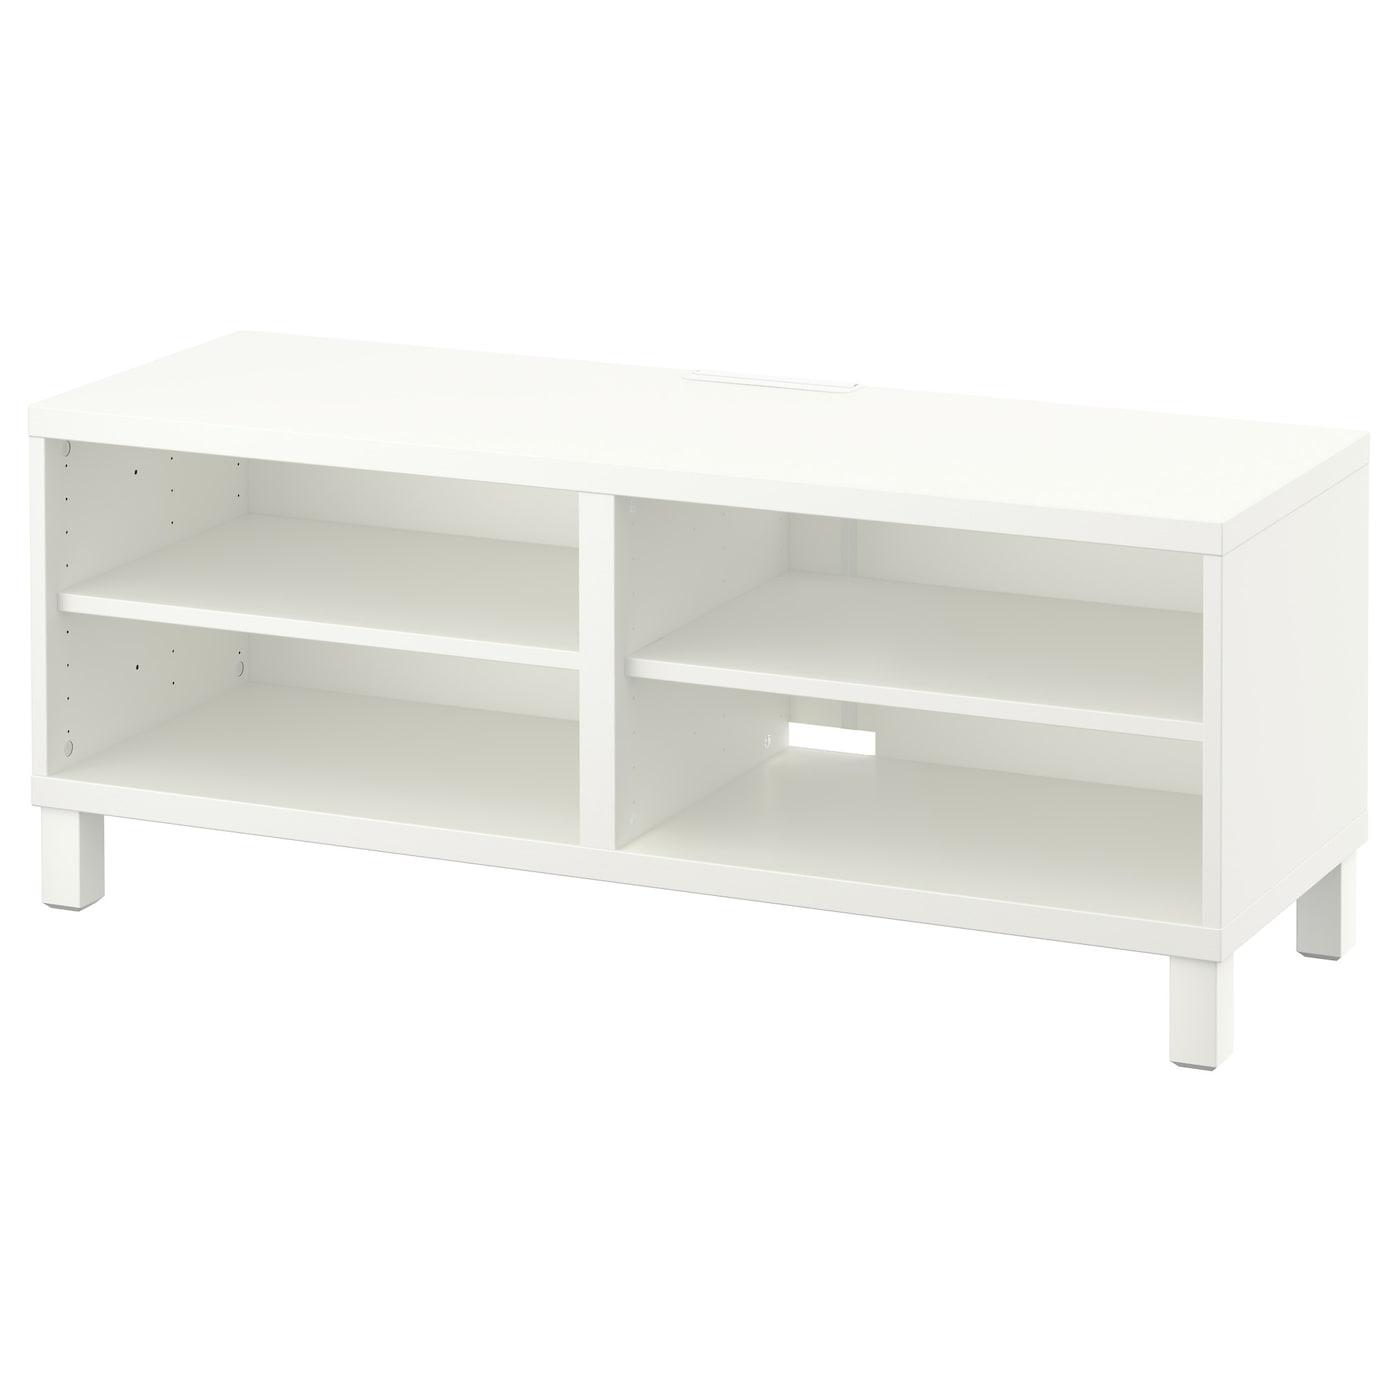 Colección BESTÅ | Muebles para Salón | Compra Online IKEA - photo#41